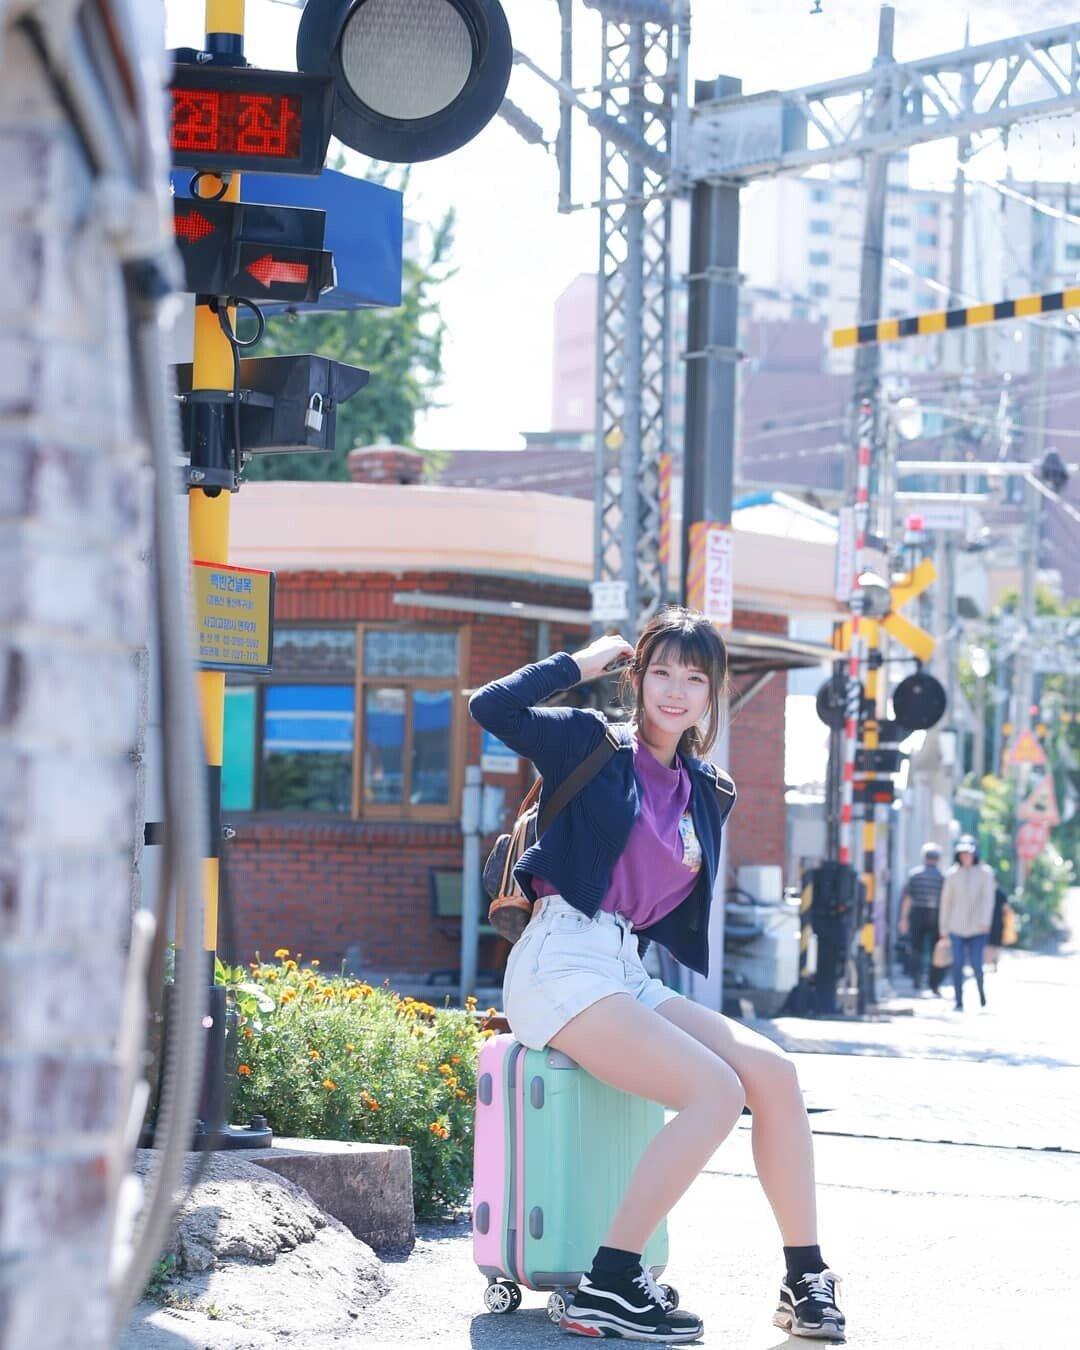 나리_ (271).jpg (ㅇㅎ) 한국 모델겸 코스프레어.jpg